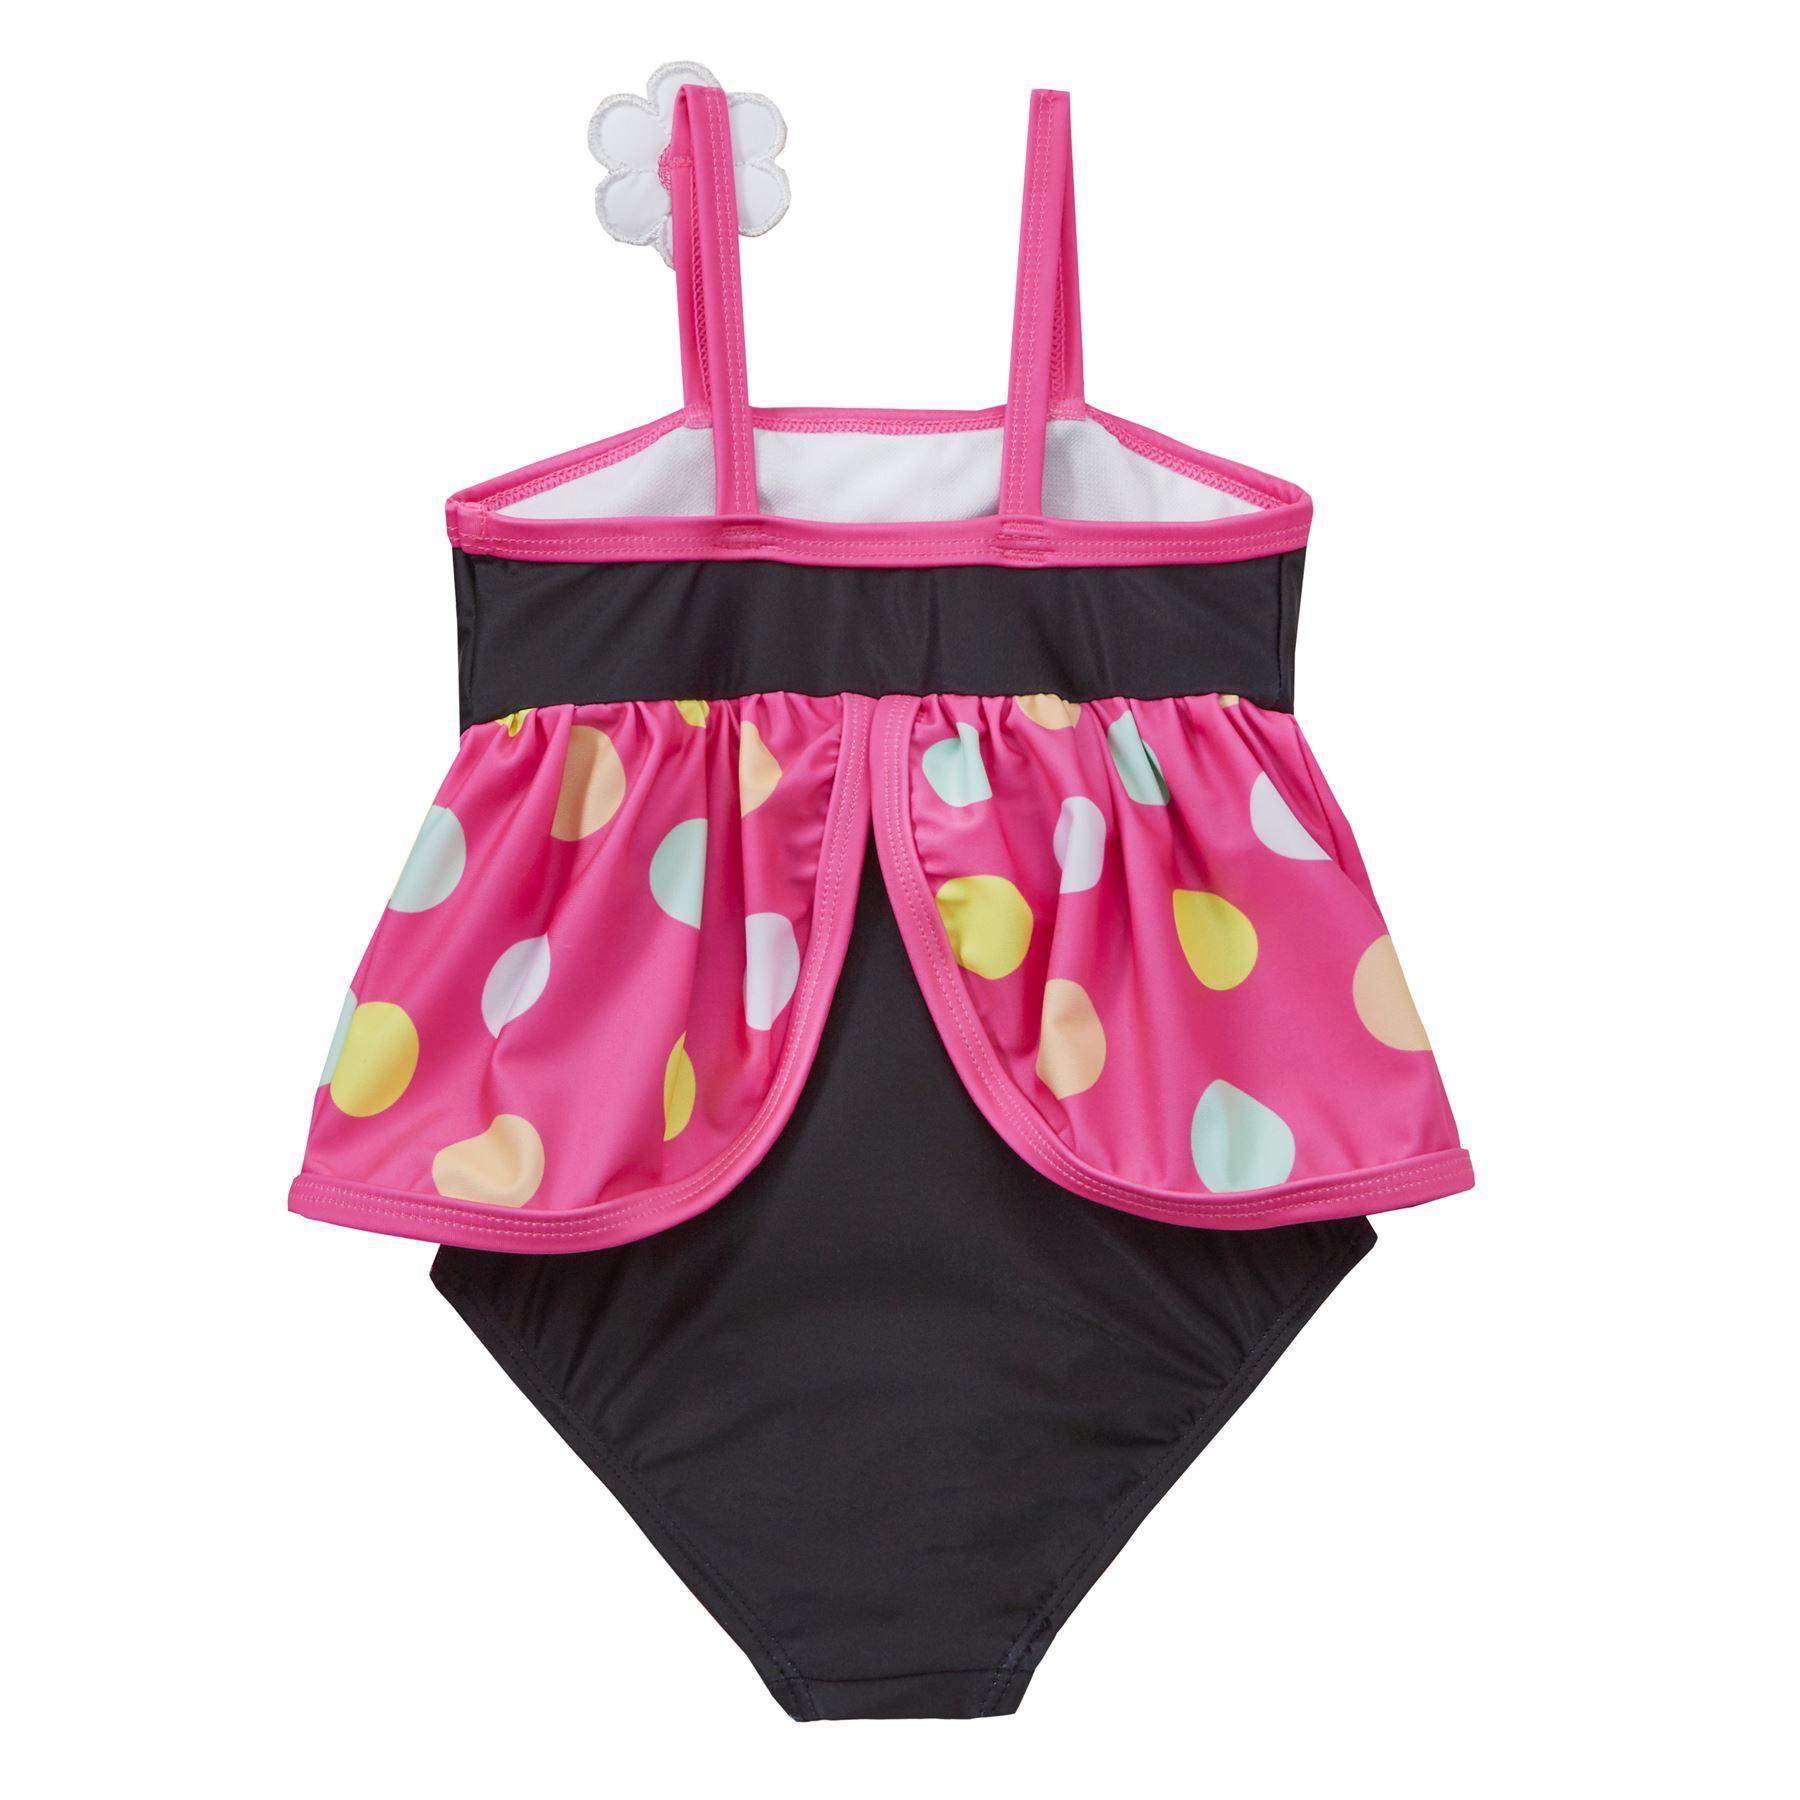 Girls//Kids Animal Swimming Costume Swimsuit Childrens Swimwear Age 2-6 Years